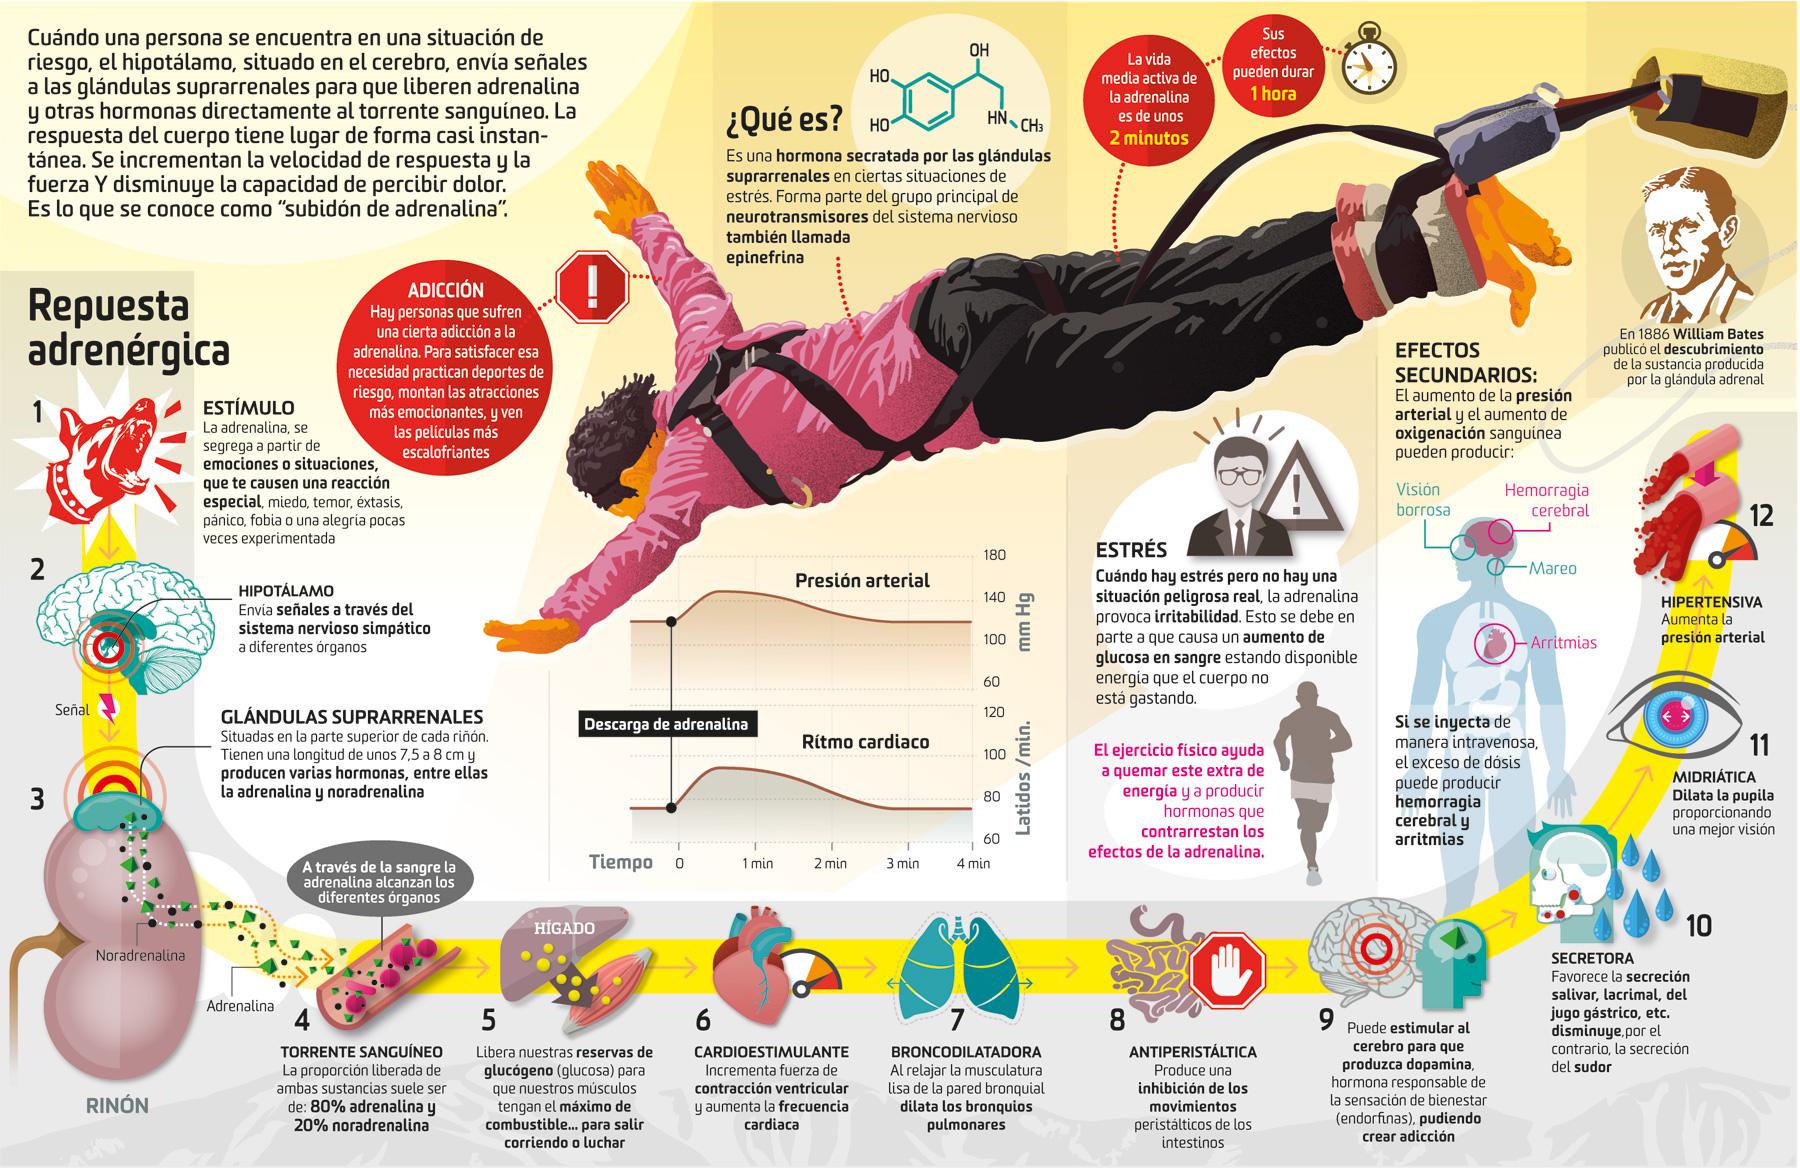 Adrenalina: analizamos cómo funciona